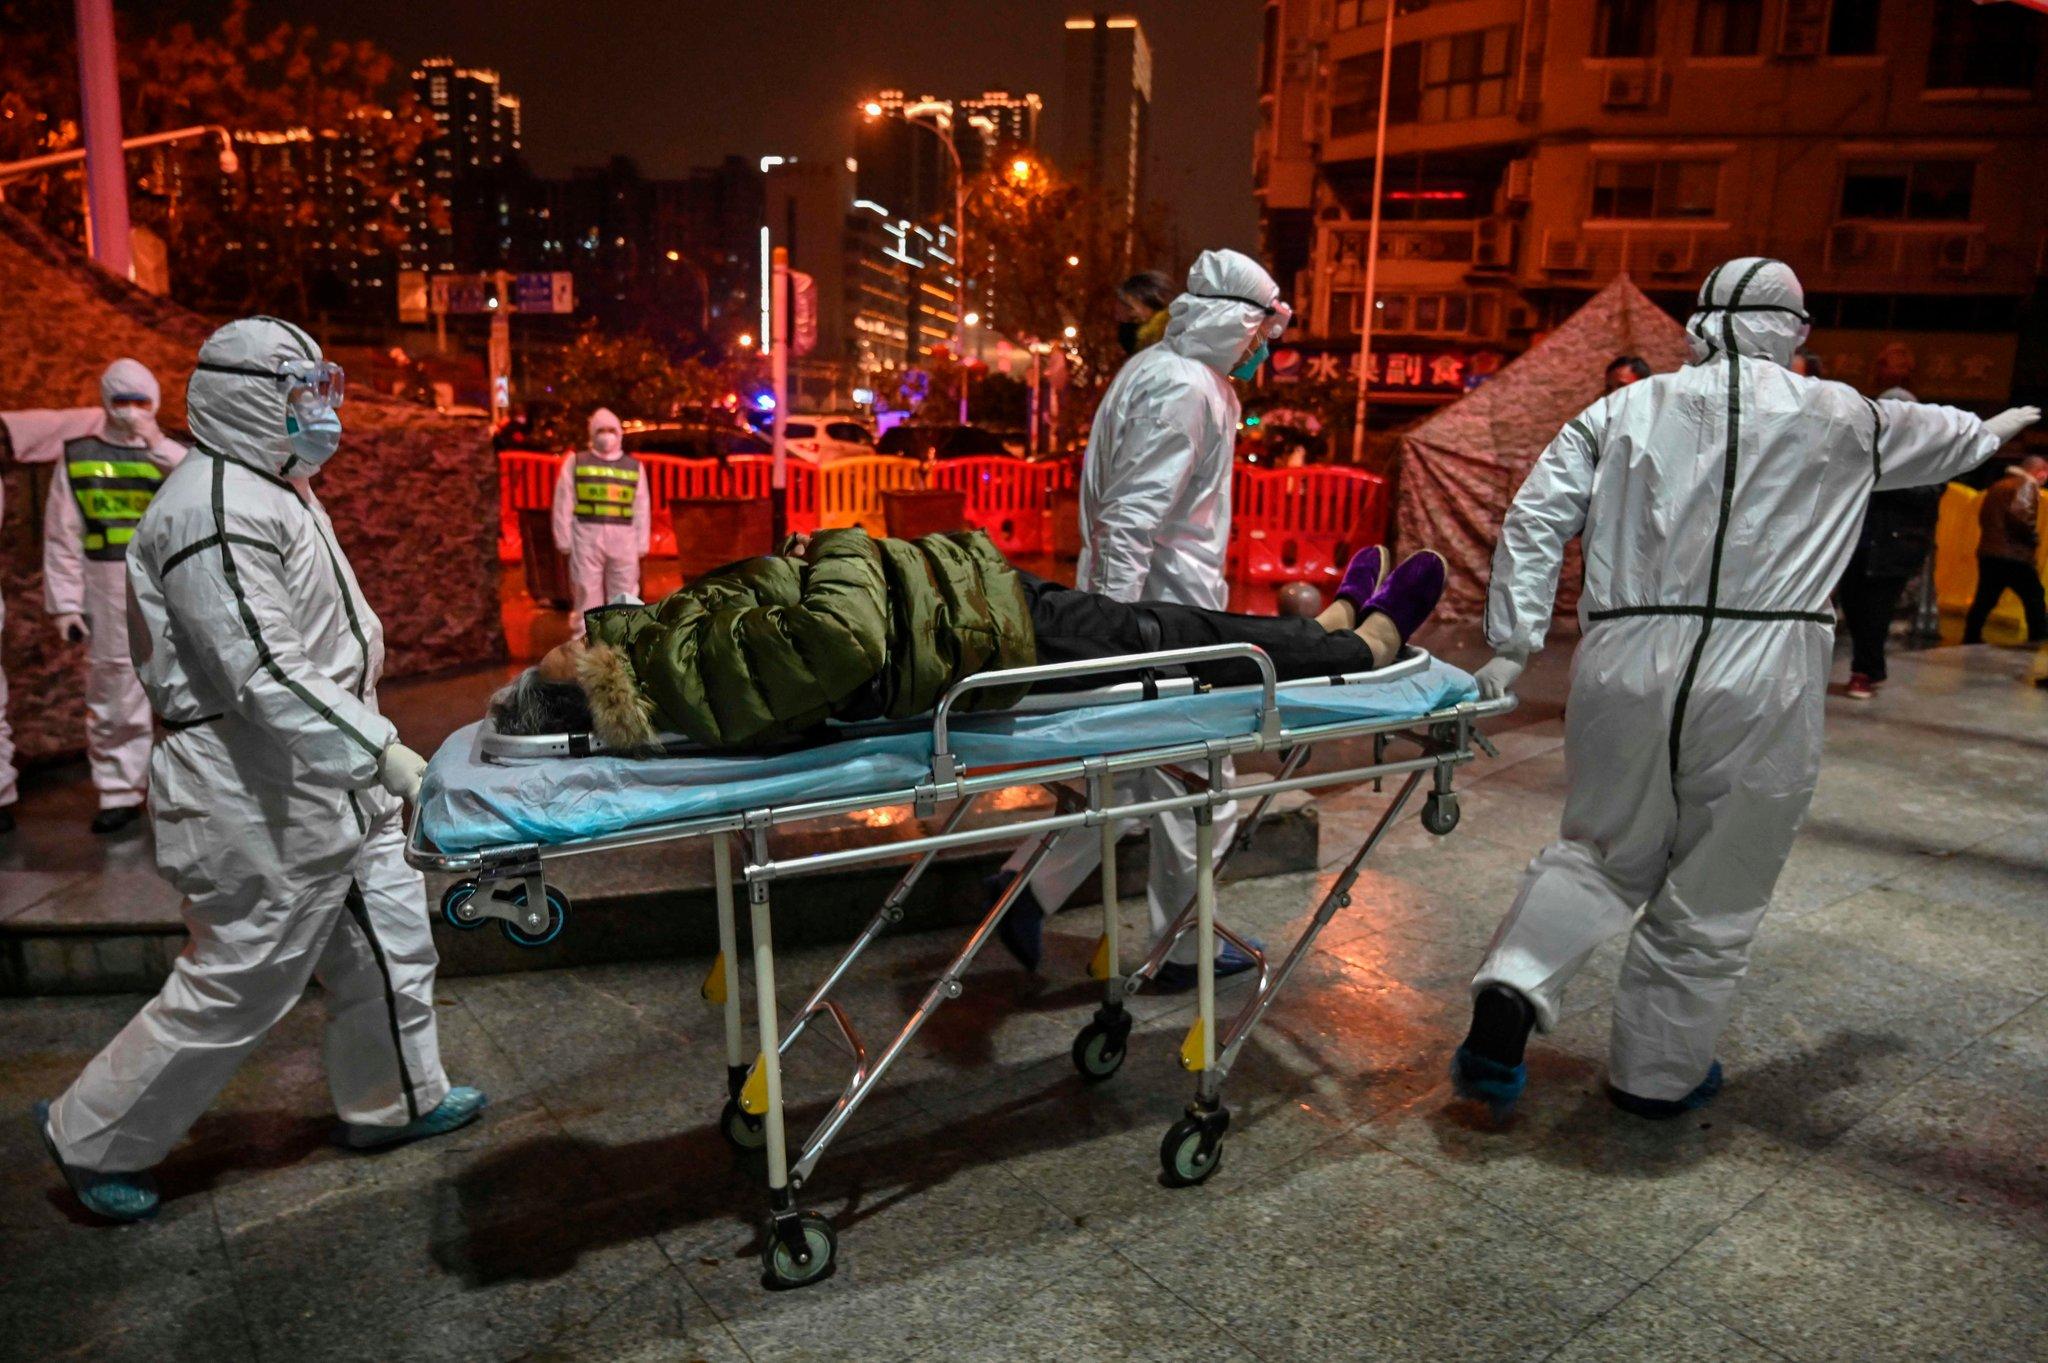 آیا کابوس «کرونا» پایان مییابد؟ چهار سناریو محتمل برای سرانجام ویروس مرگبار ووهان